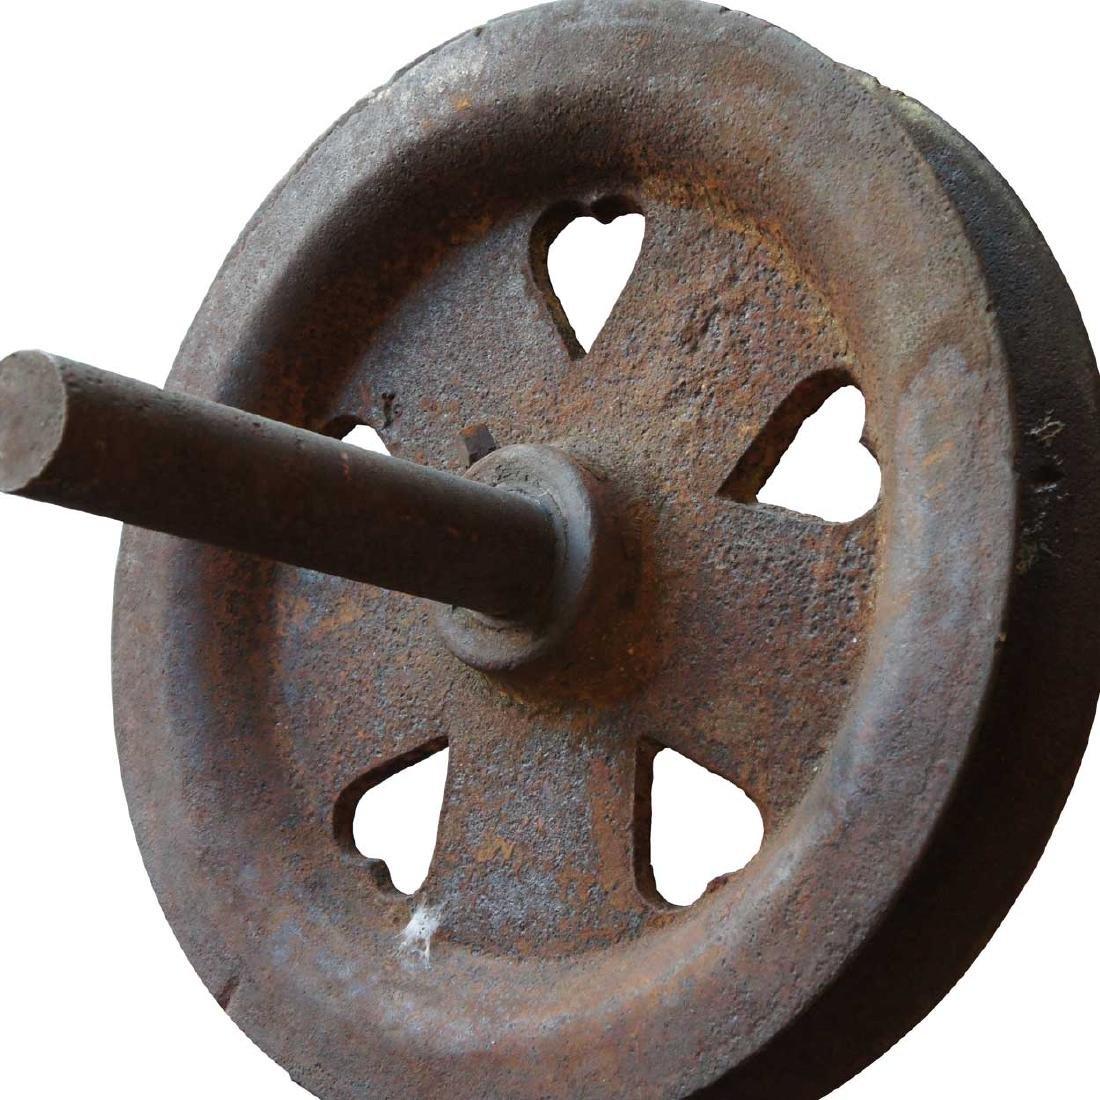 American Industrial Cast Iron Heart Spoke Pulley Wheel - 2